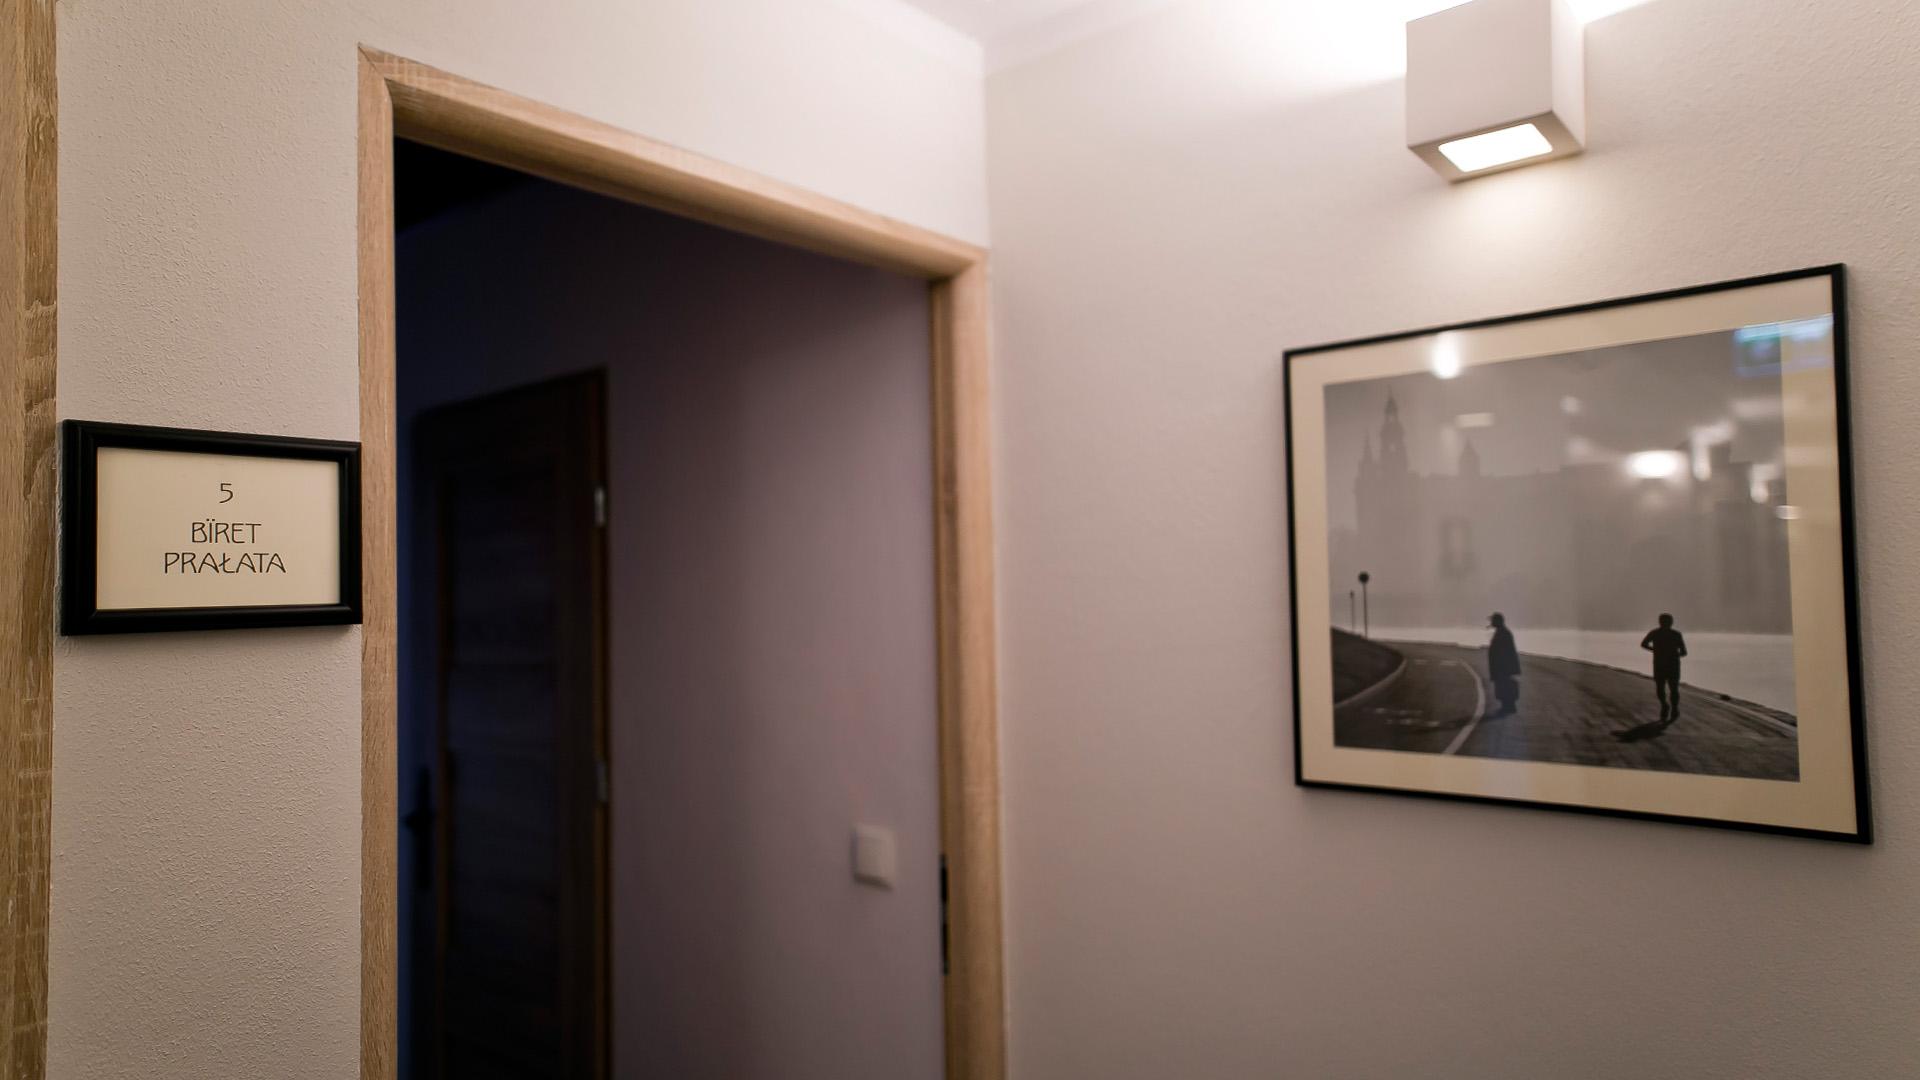 Wnętrze pokoju Biret Prałata